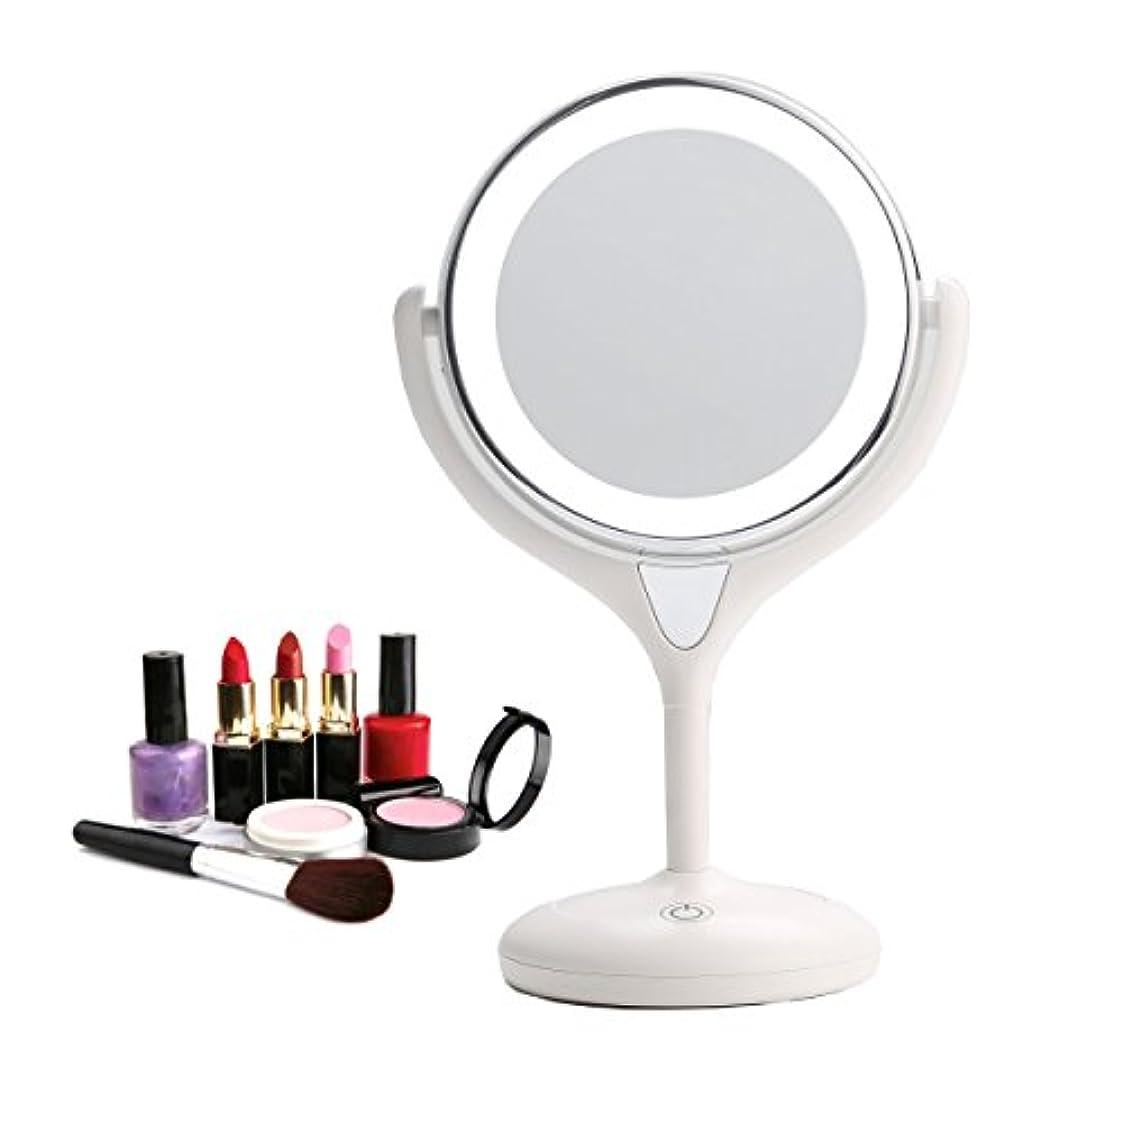 流行骨増幅Bestaid-スタンドミラー シンプルデザイン 真実の両面鏡DX 10倍拡大鏡 360度回転 卓上鏡 メイク 化粧道具 14 * 11.5 * 28.5cm